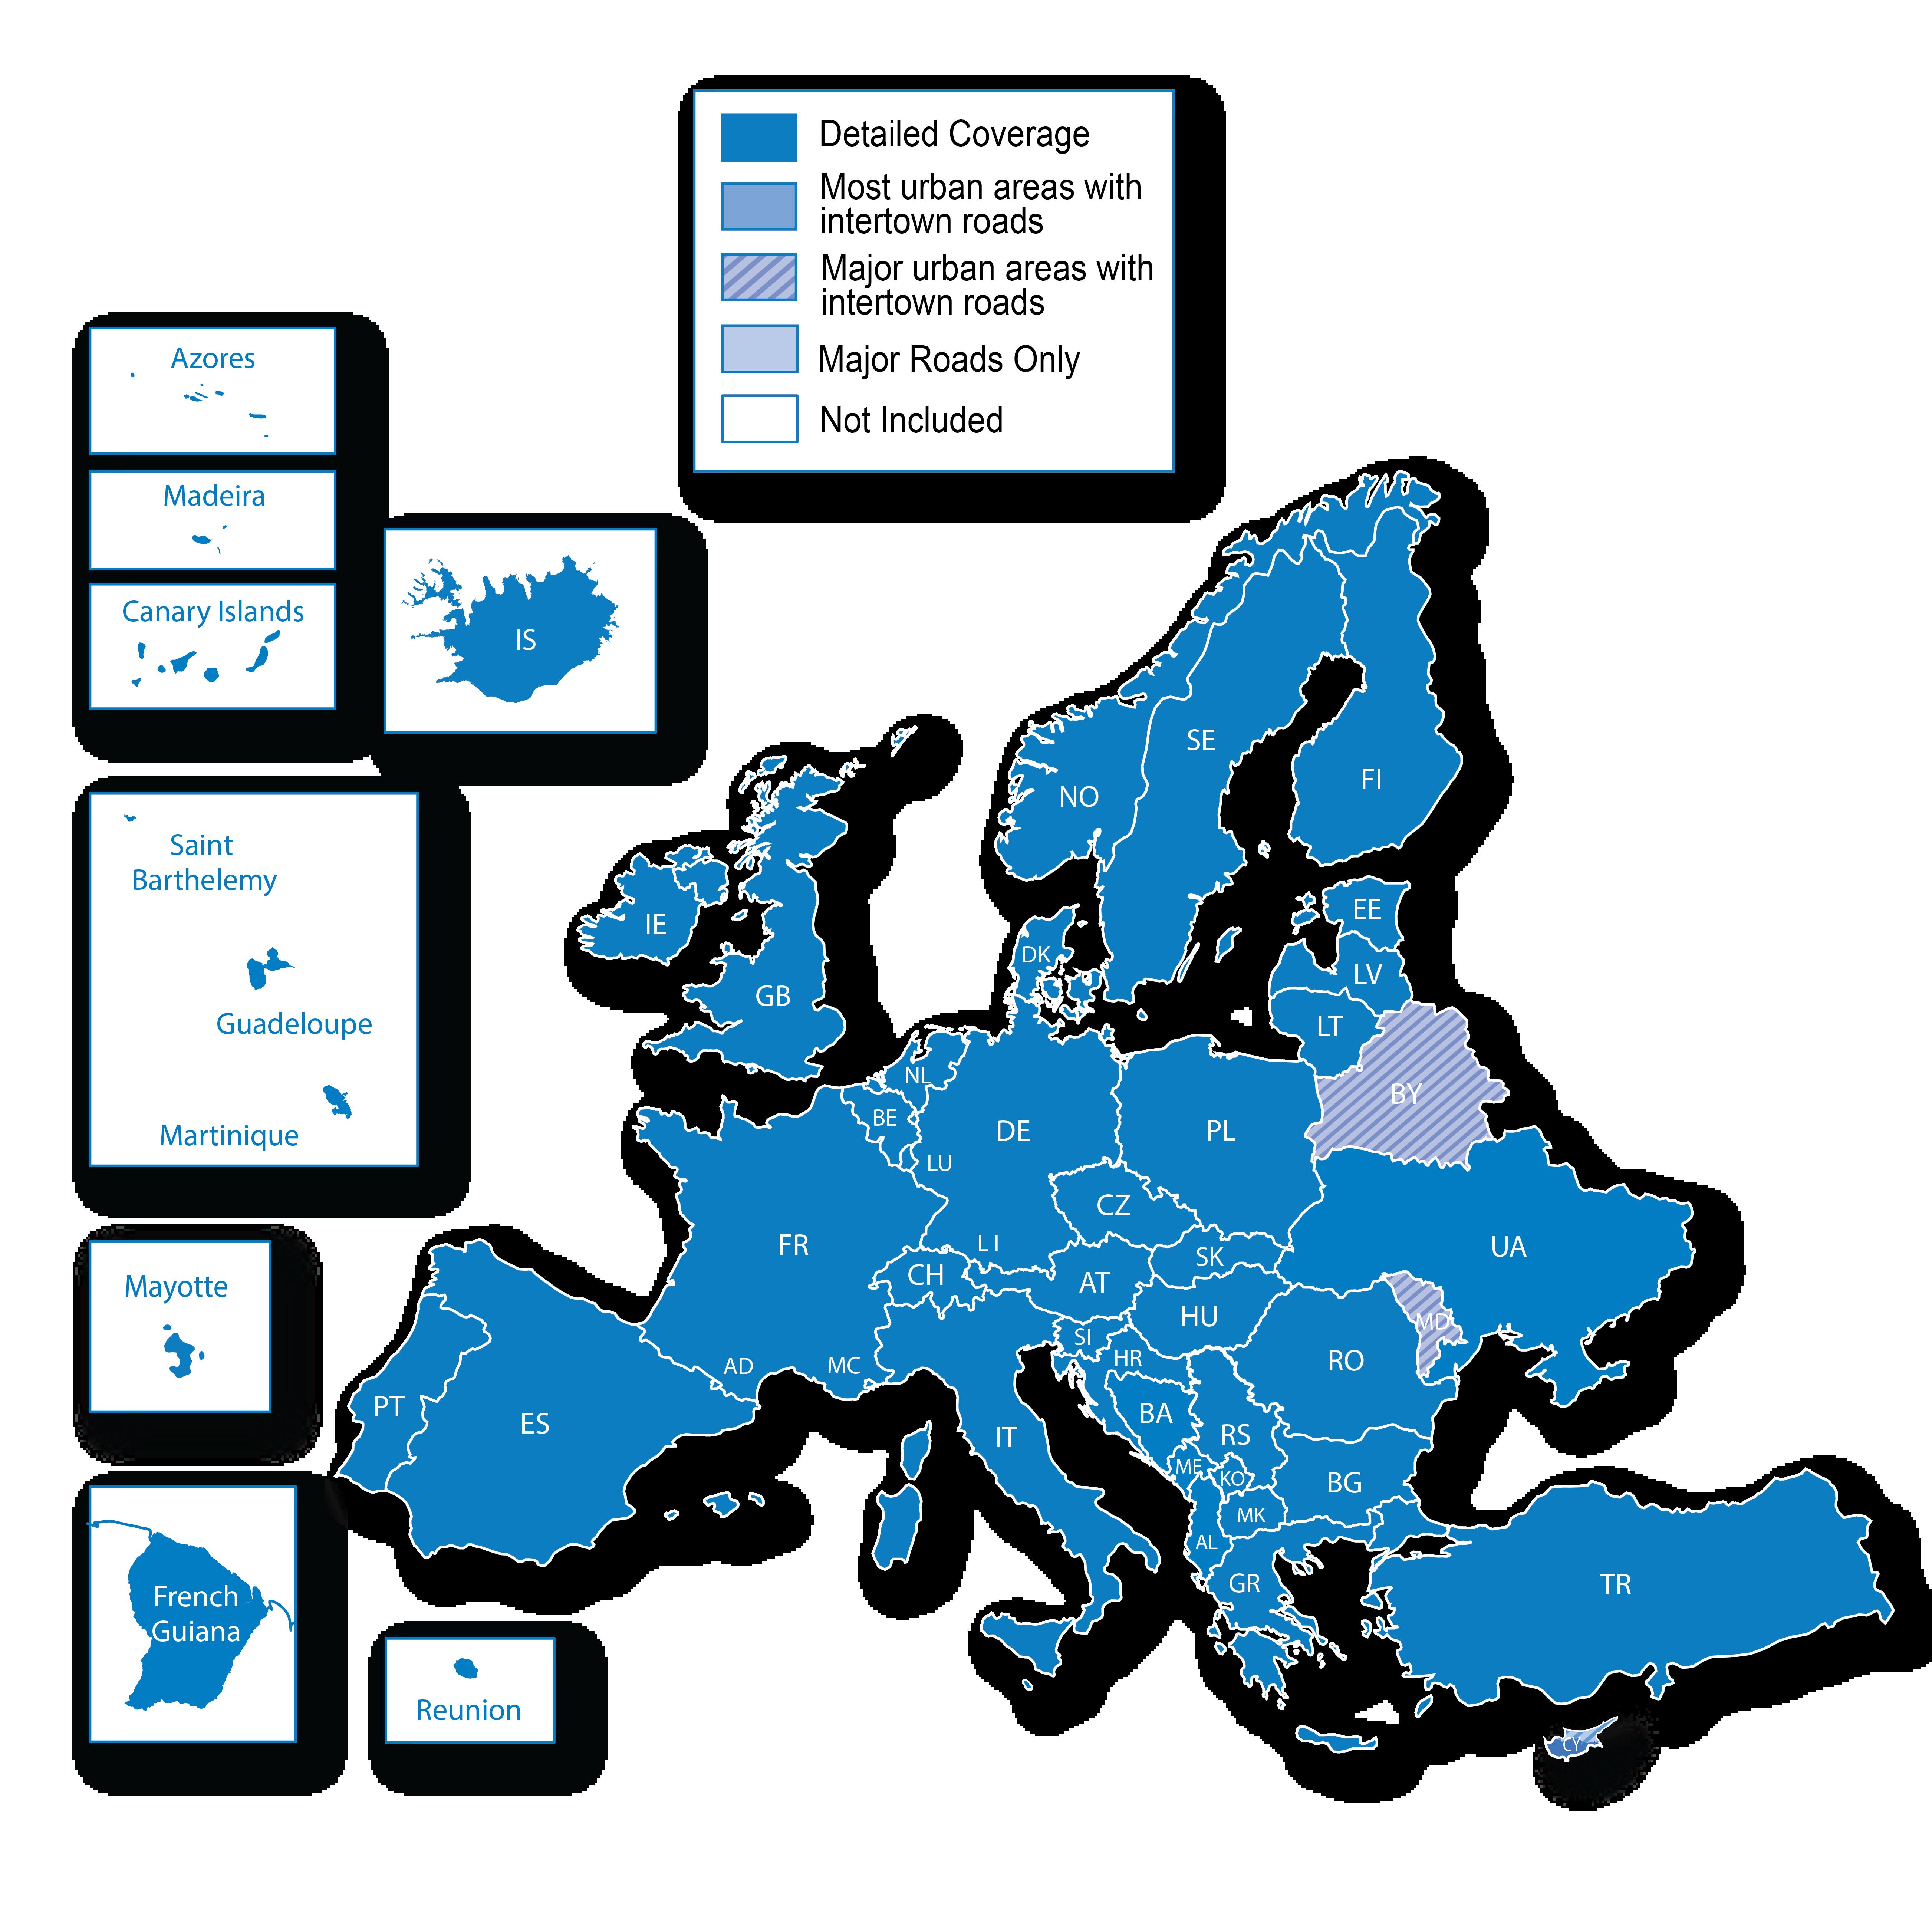 Länder Europas Karte.Europa Kartenregionen Länder Und Gebiete Die Als Regionen Während